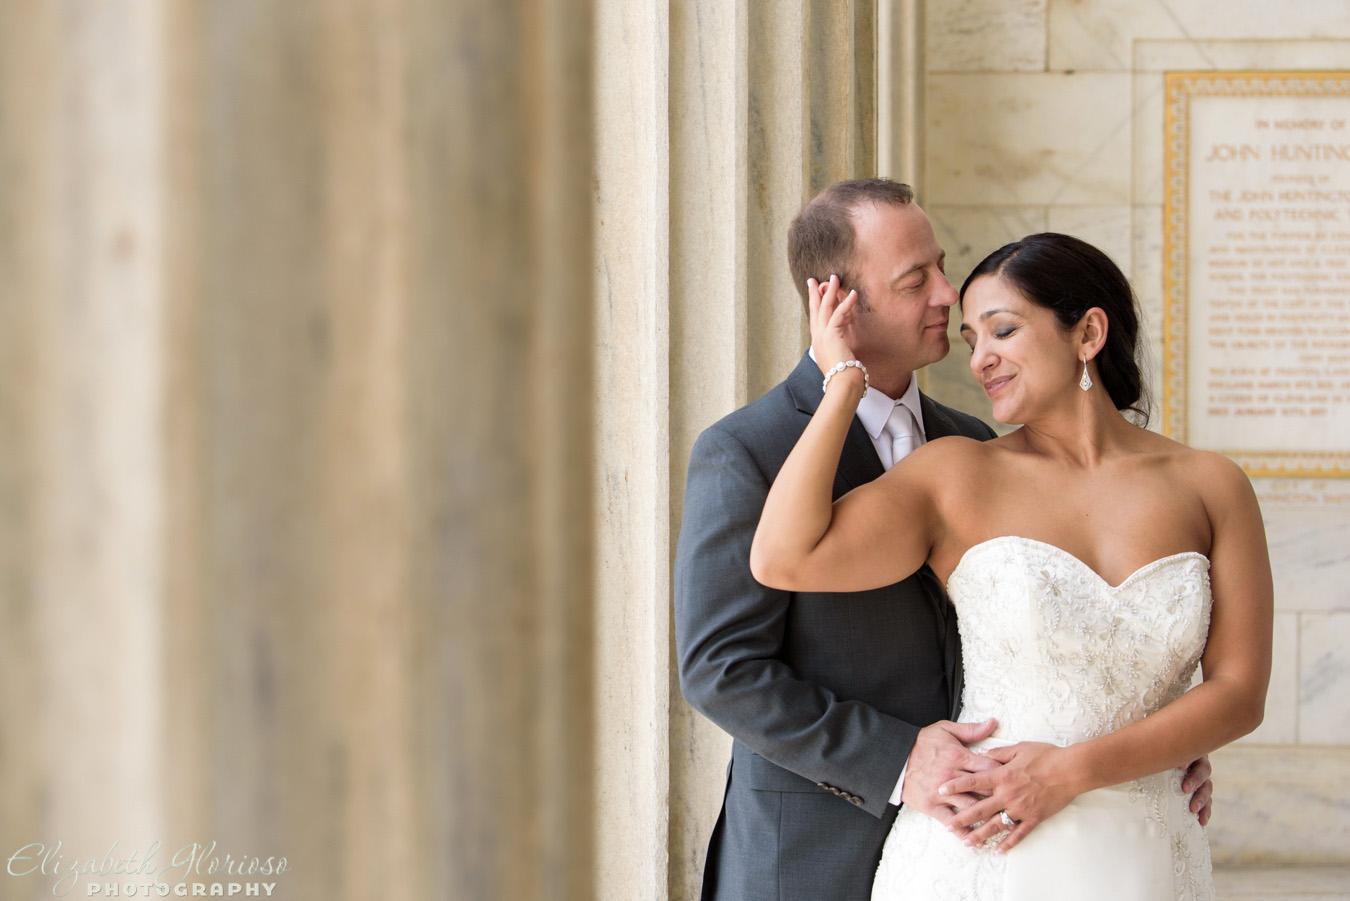 Wedding_Glorioso_Photography_Cleveland-139